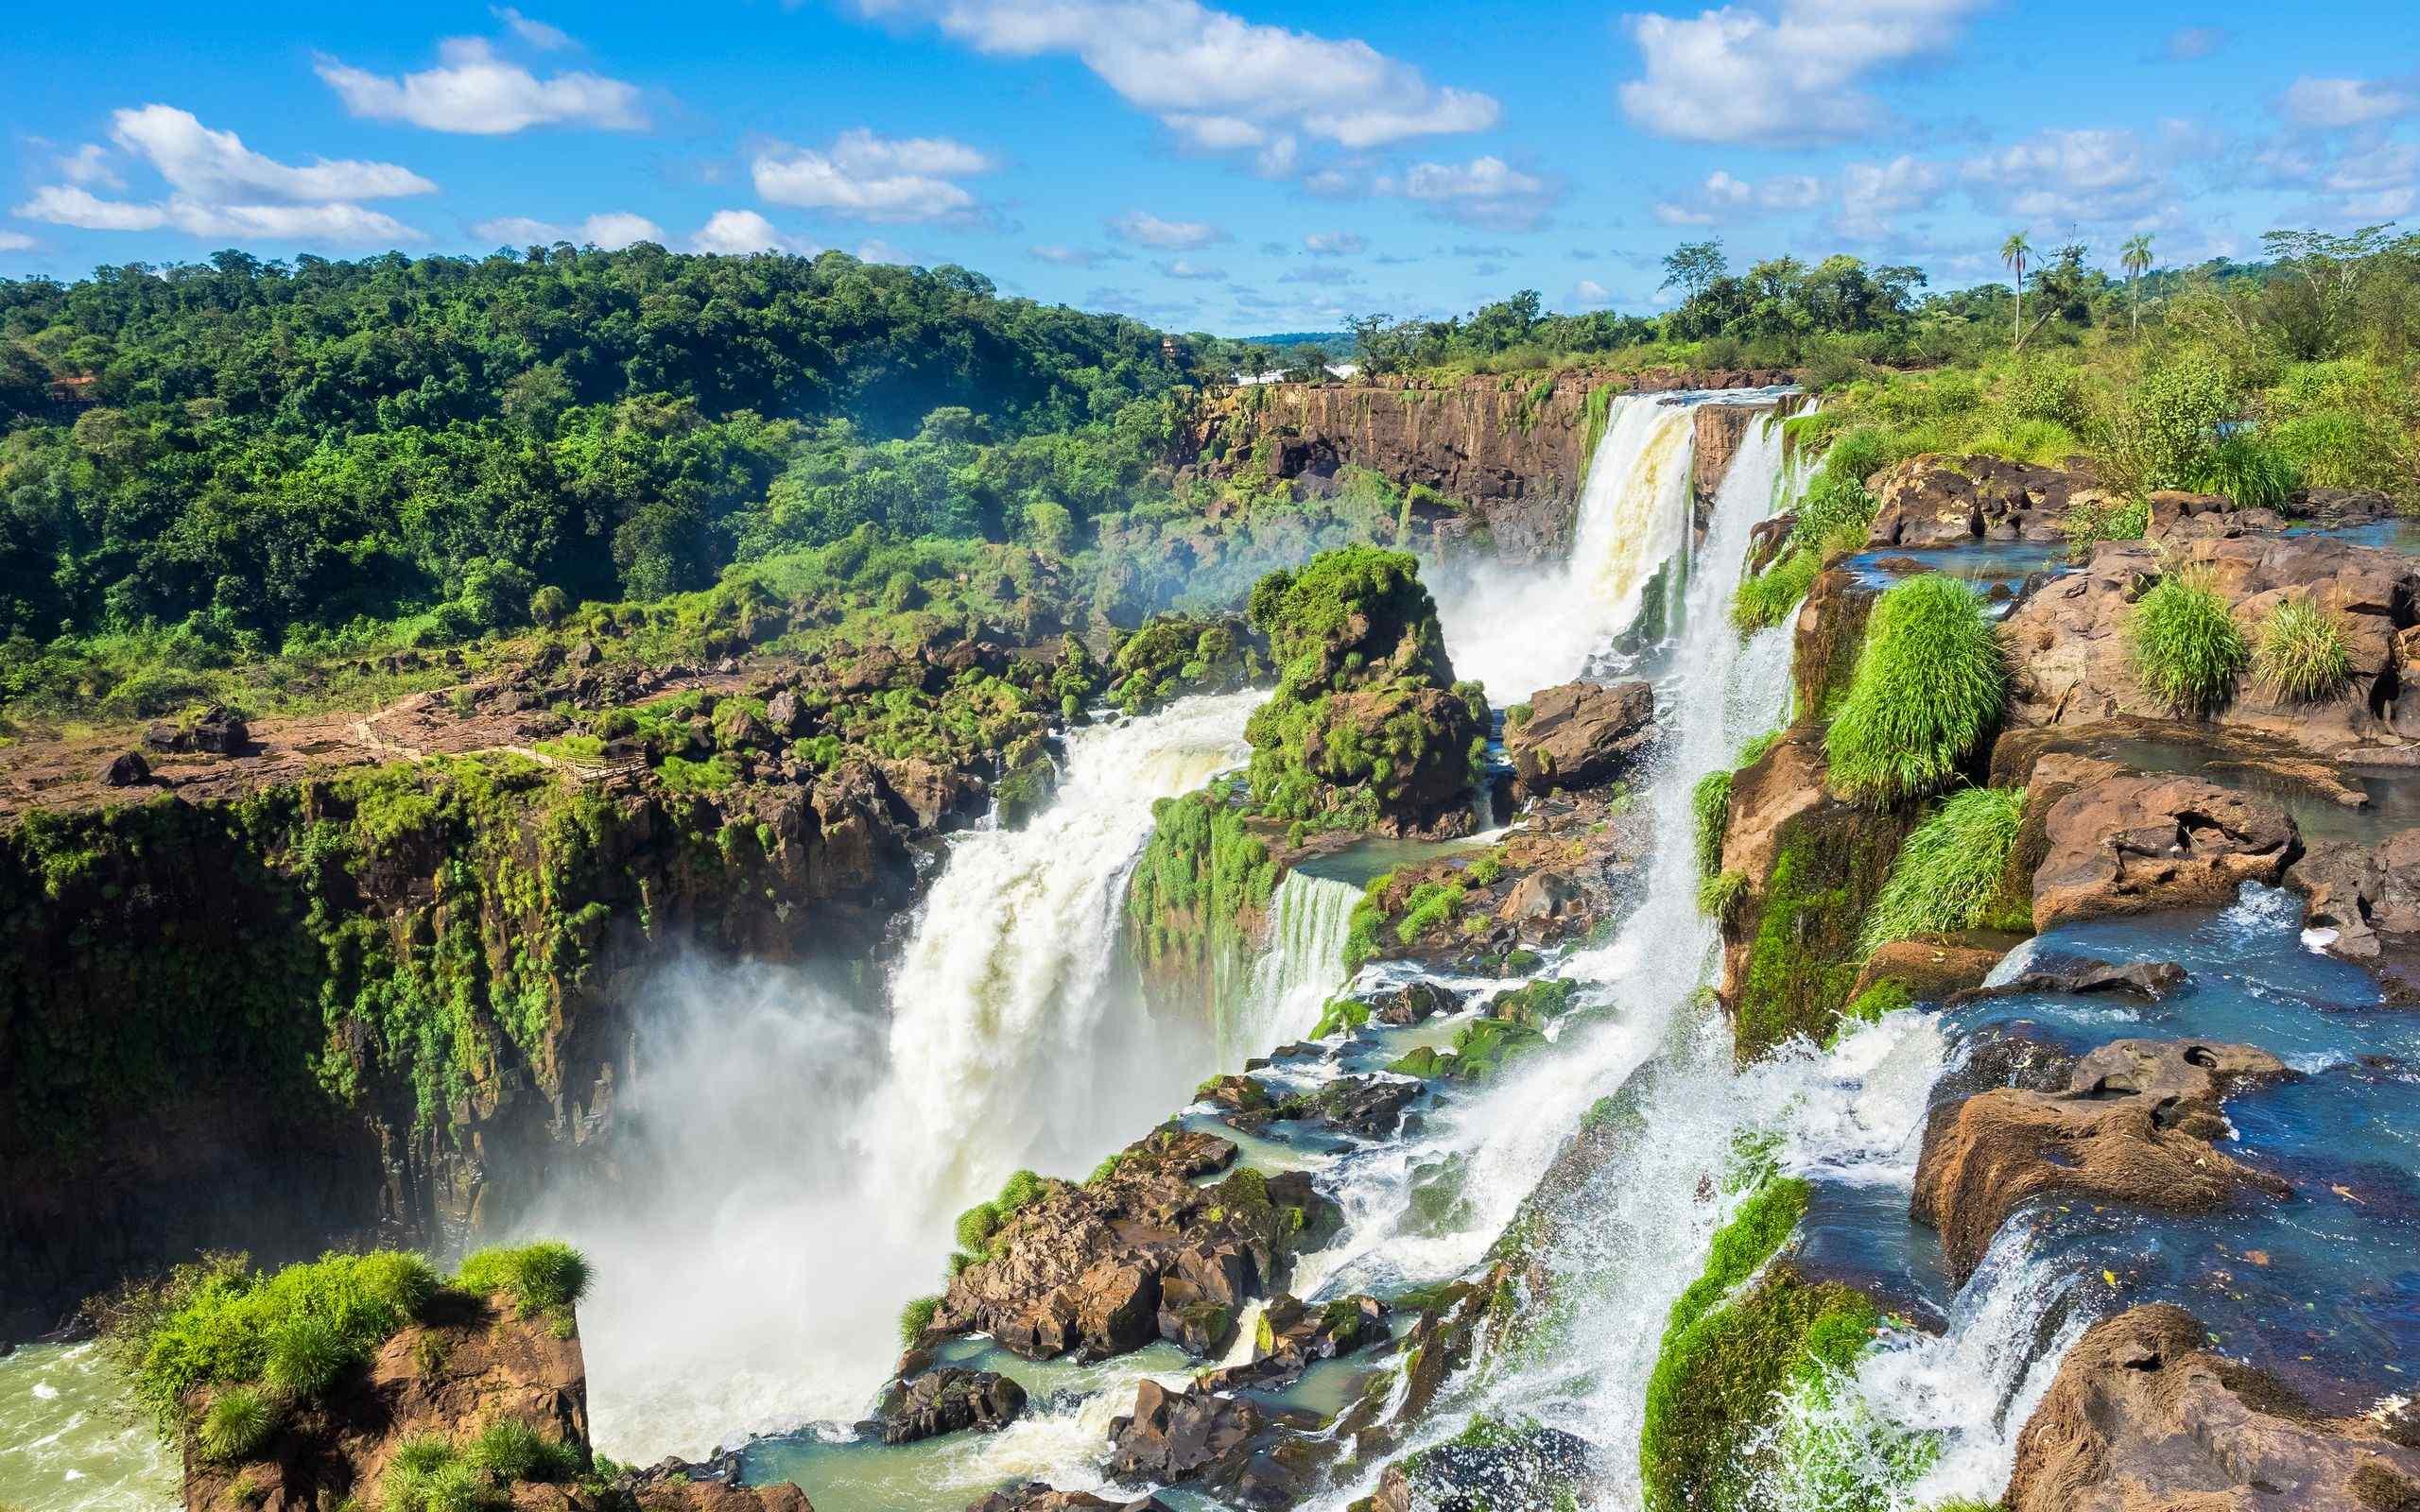 壮观的瀑布风景桌面壁纸图片